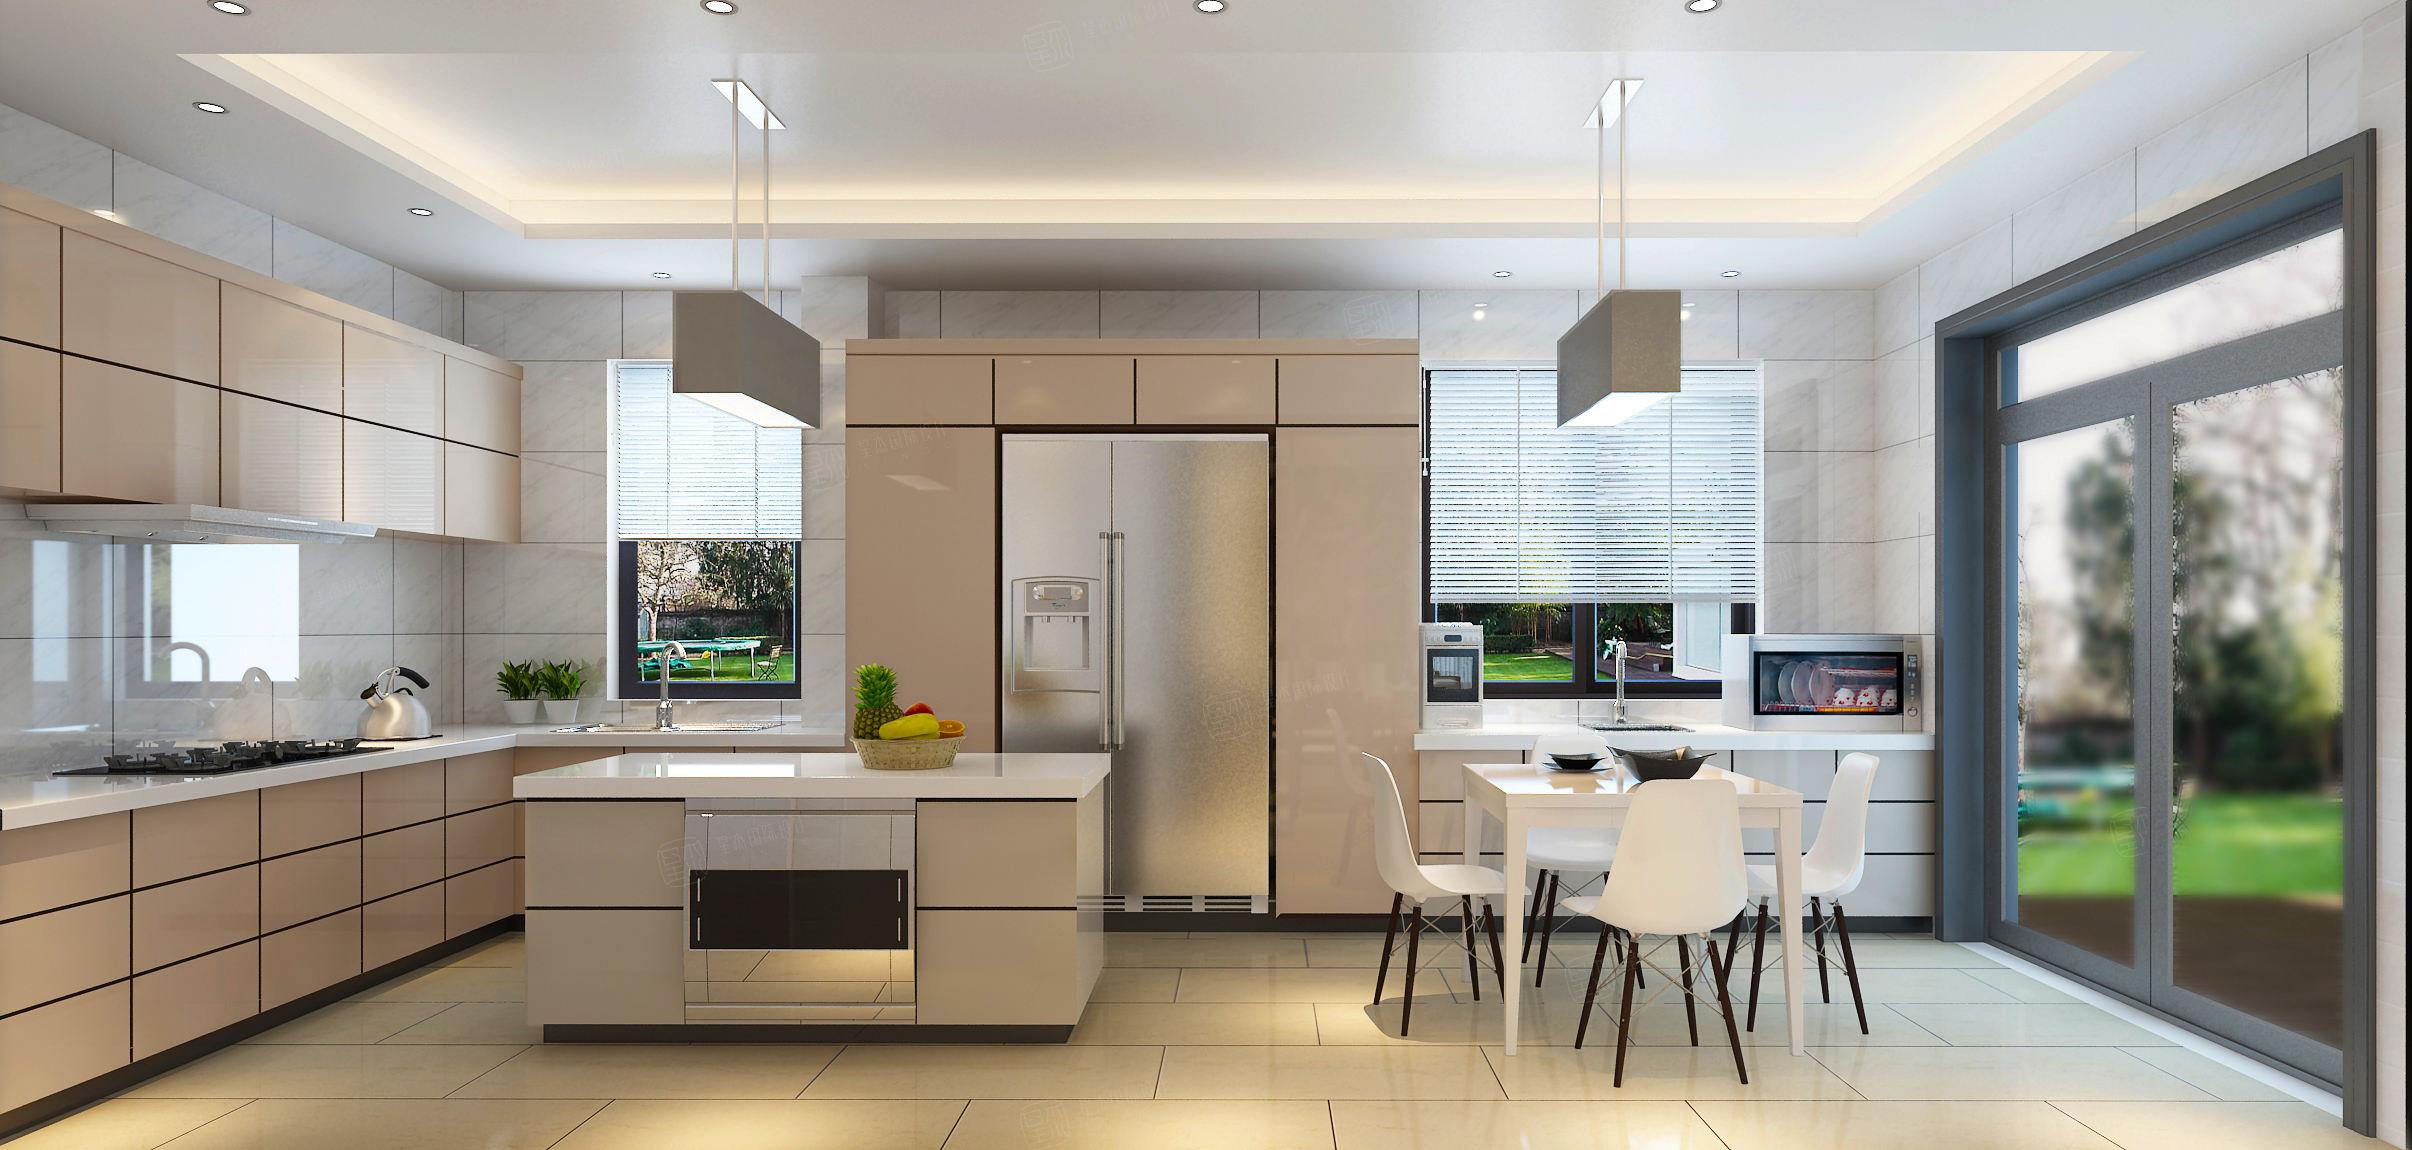 六十四阶 美式简欧混搭装修厨房效果图